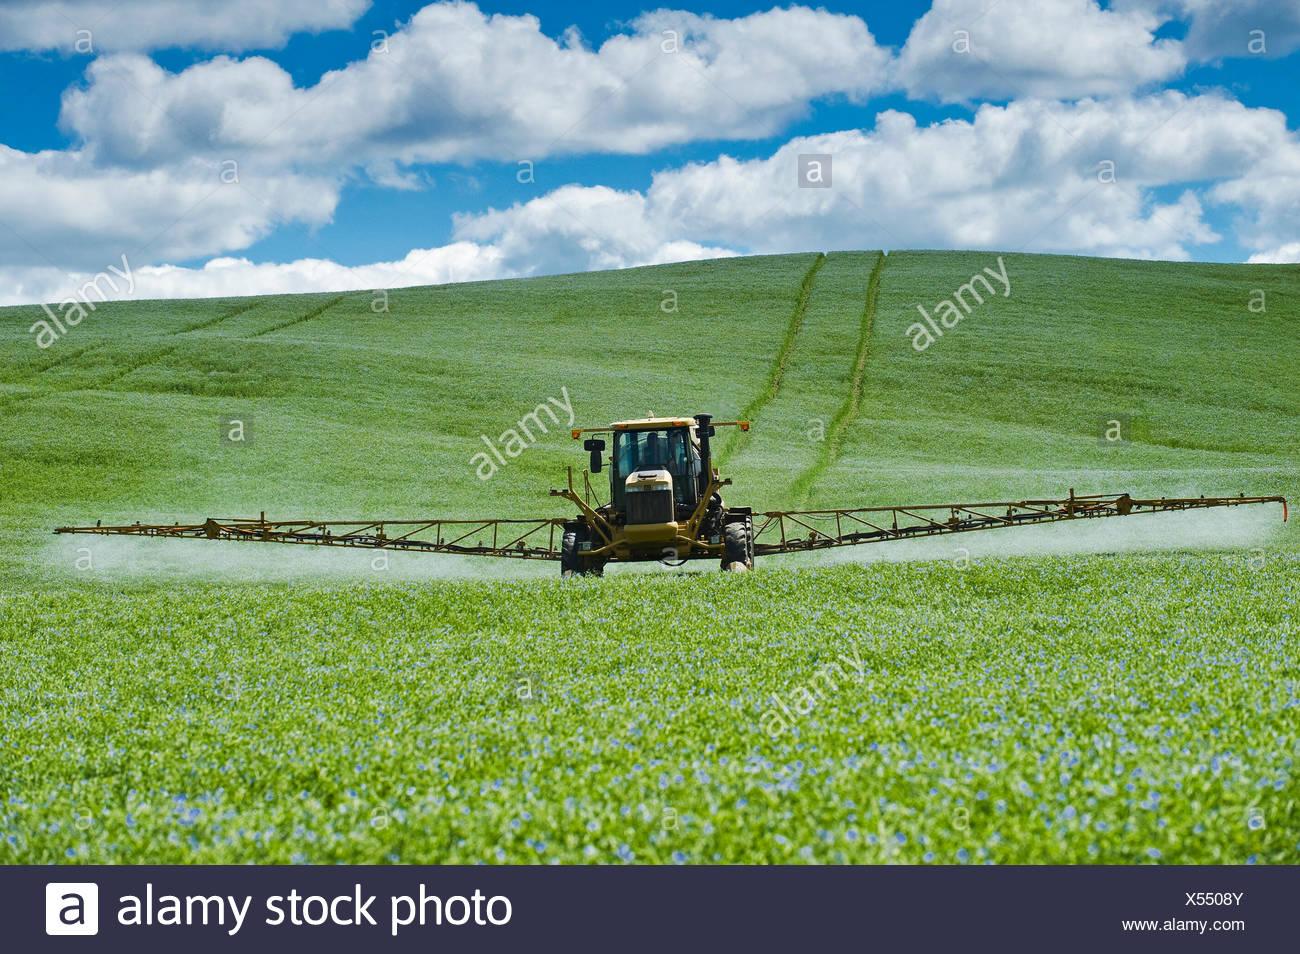 Un pulvérisateur enjambeur applique une application de fongicide chimique à un champ de lin, Tiger Hills, Manitoba, Canada Photo Stock